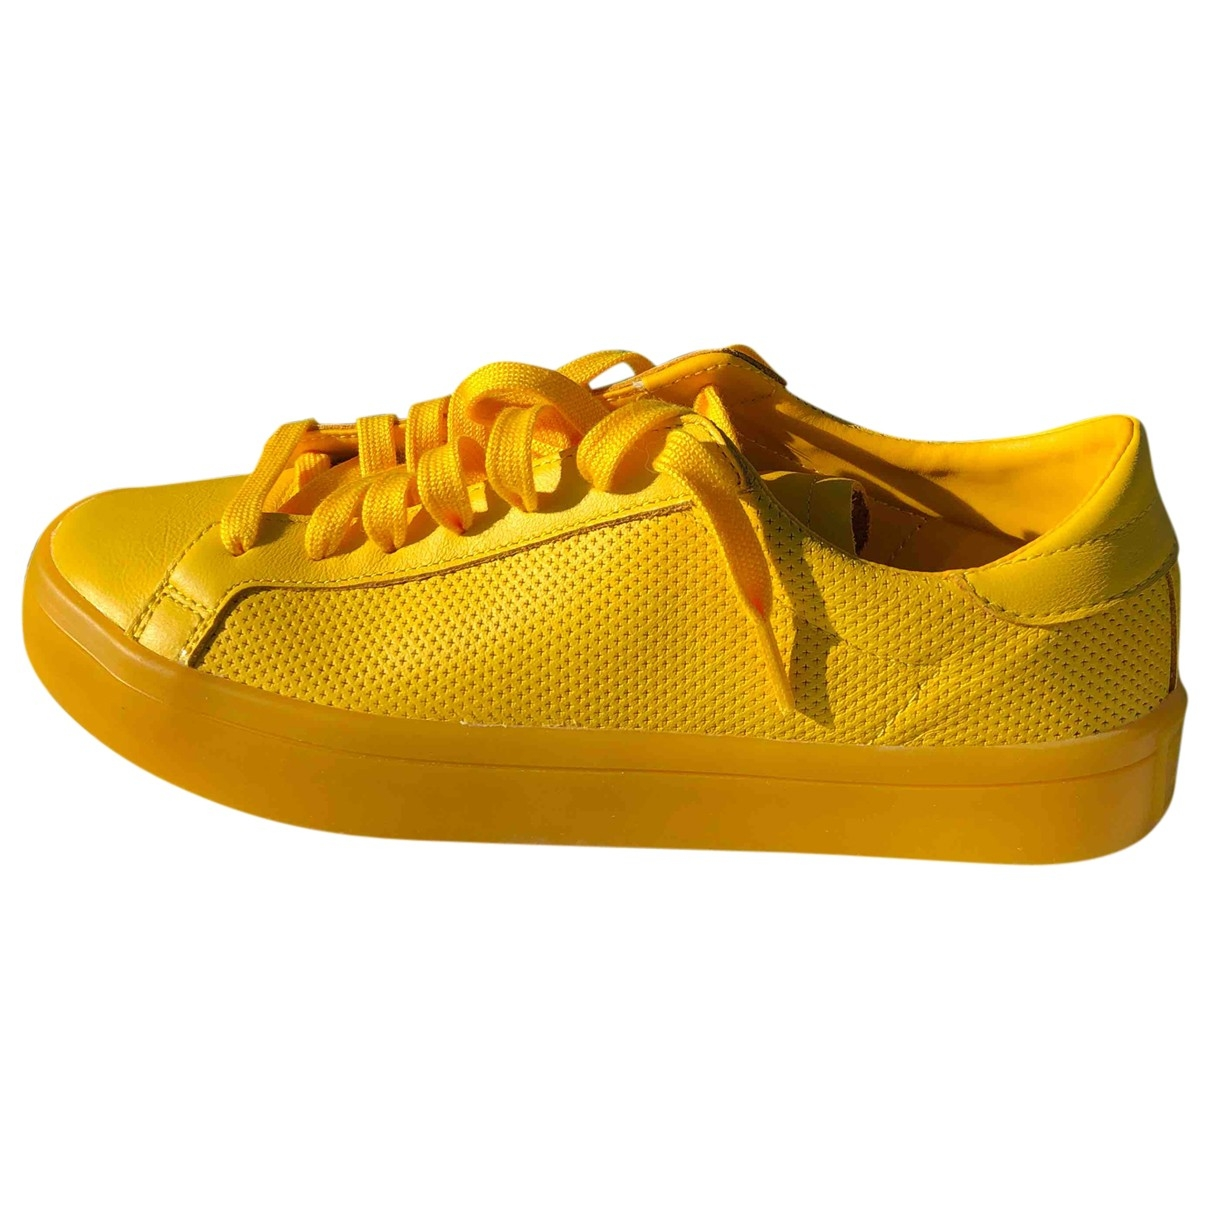 Adidas - Baskets   pour homme en cuir - jaune